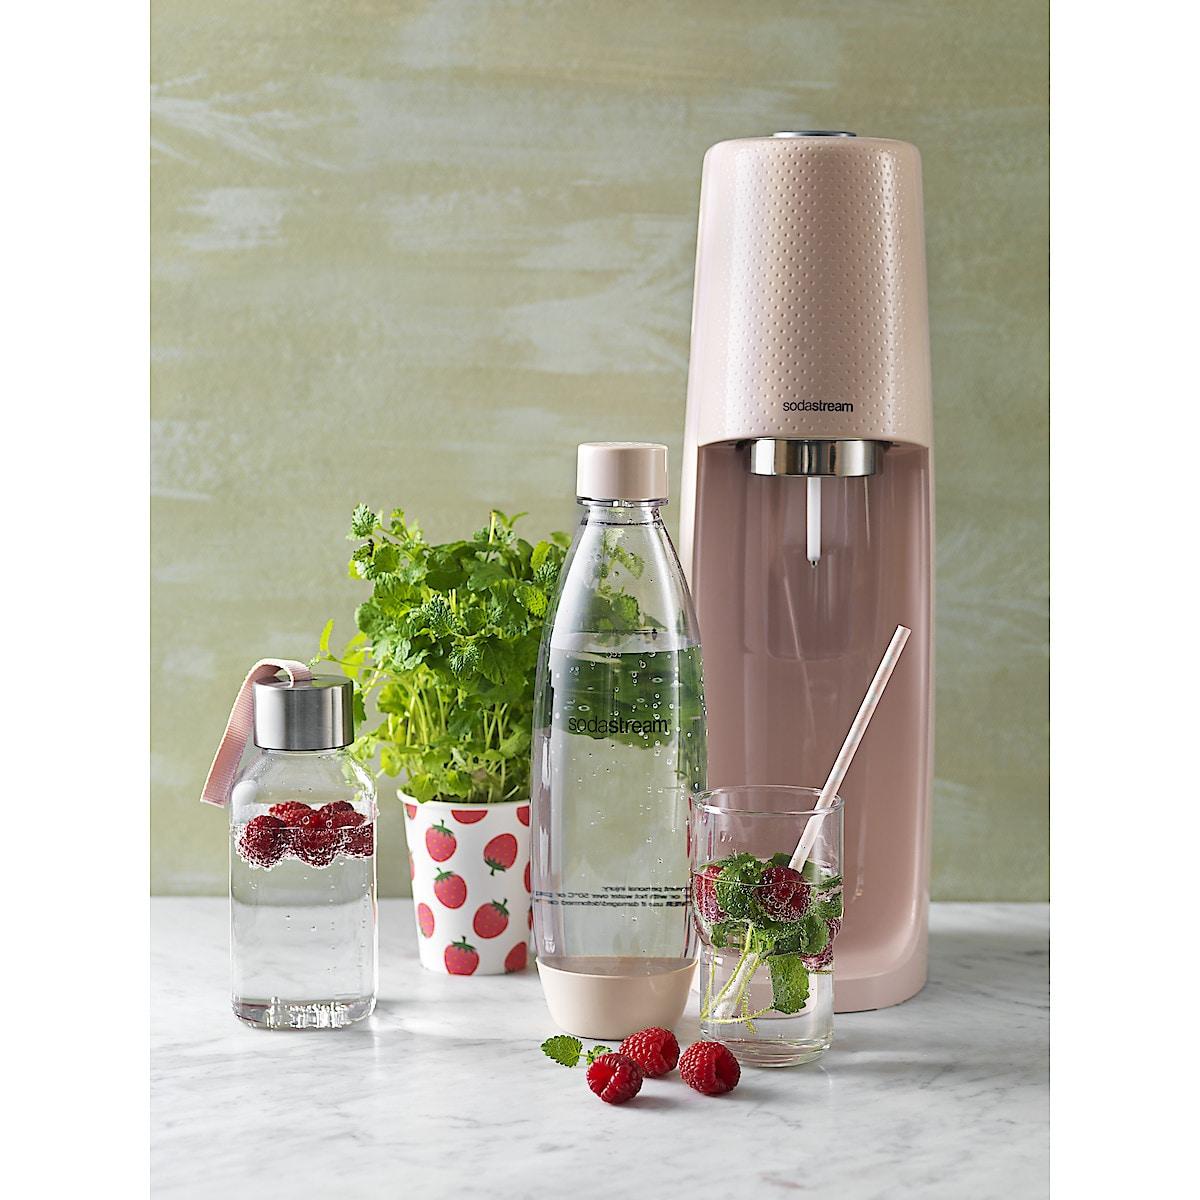 SodaStream Spirit Pink Blush, kullsyremaskin